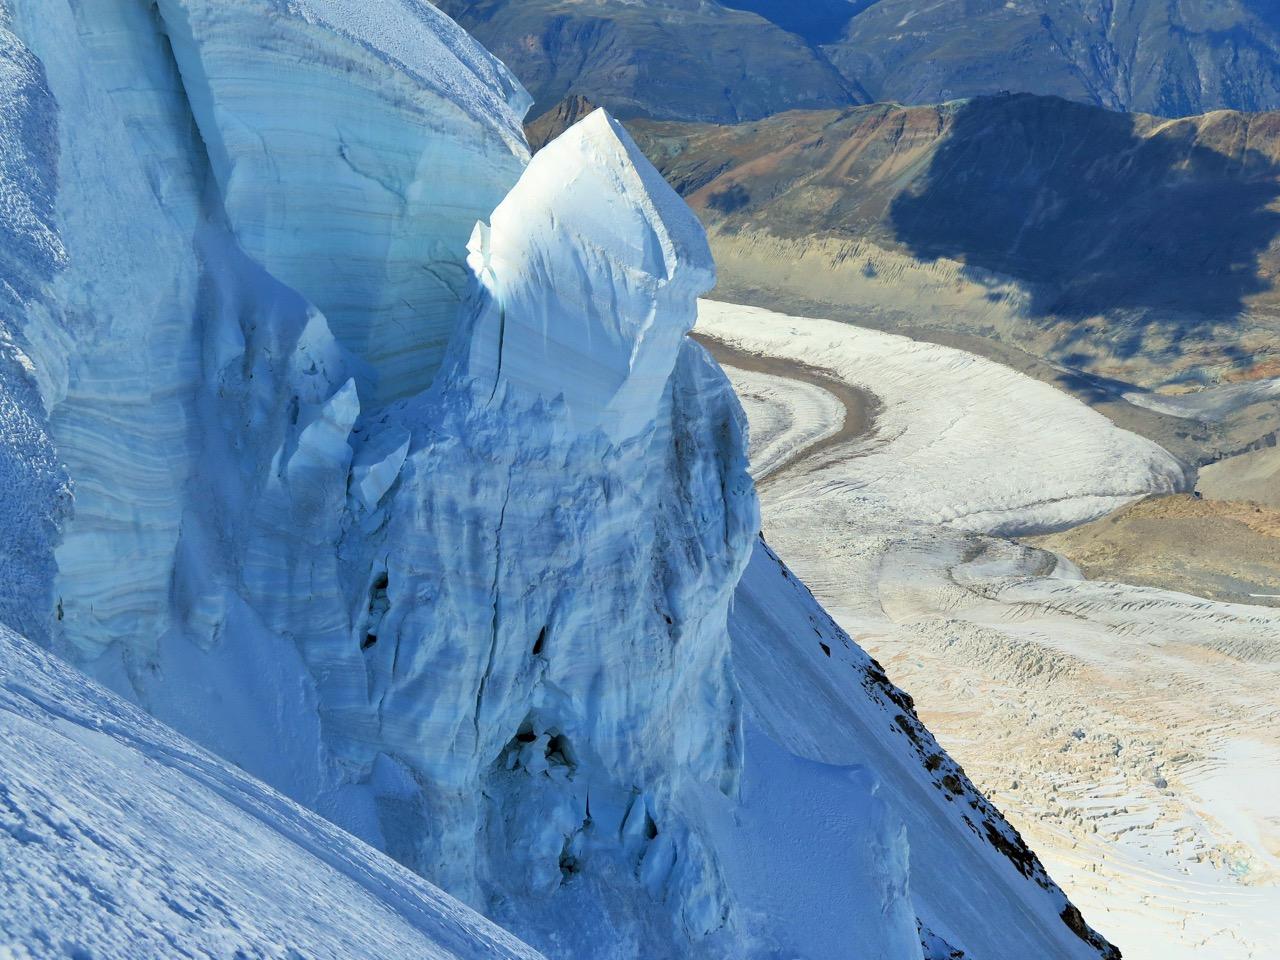 eindrücklicher Eispilz- wie lange sich der wohl noch halten kann!?